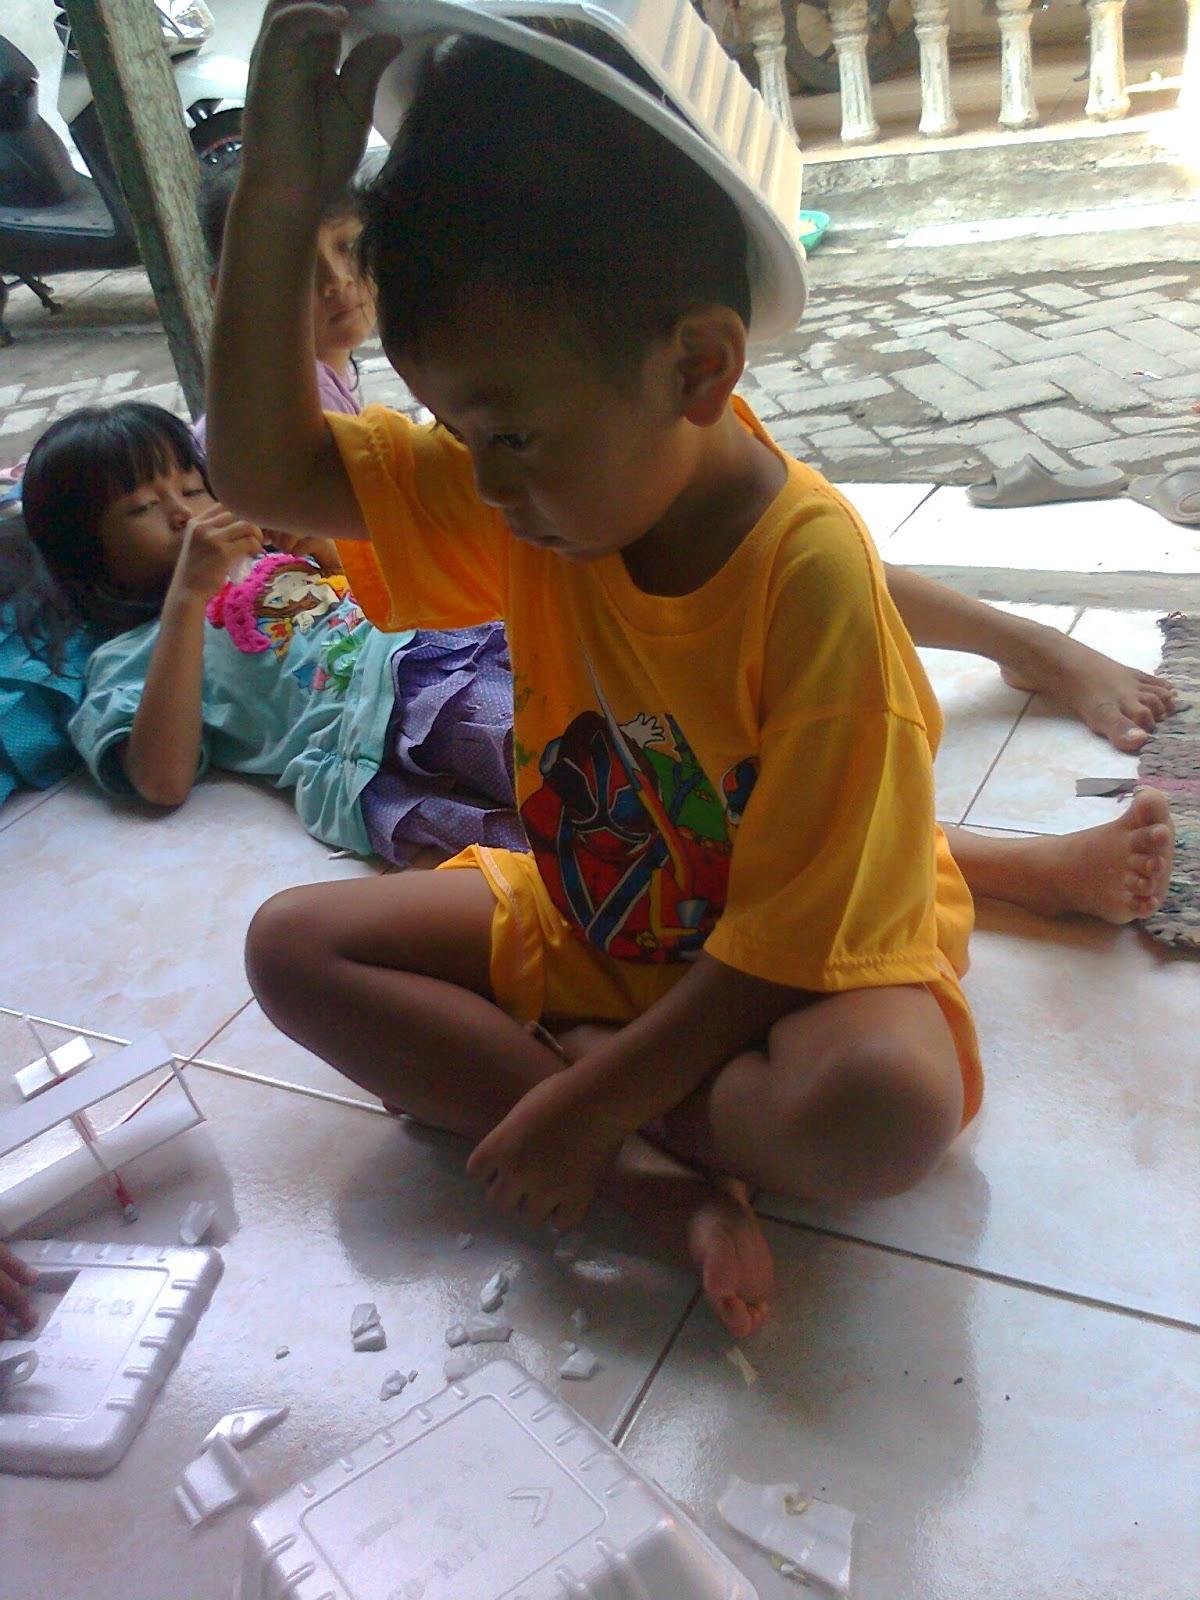 Kreasi Membuat Mainan dan Permainan Sederhana